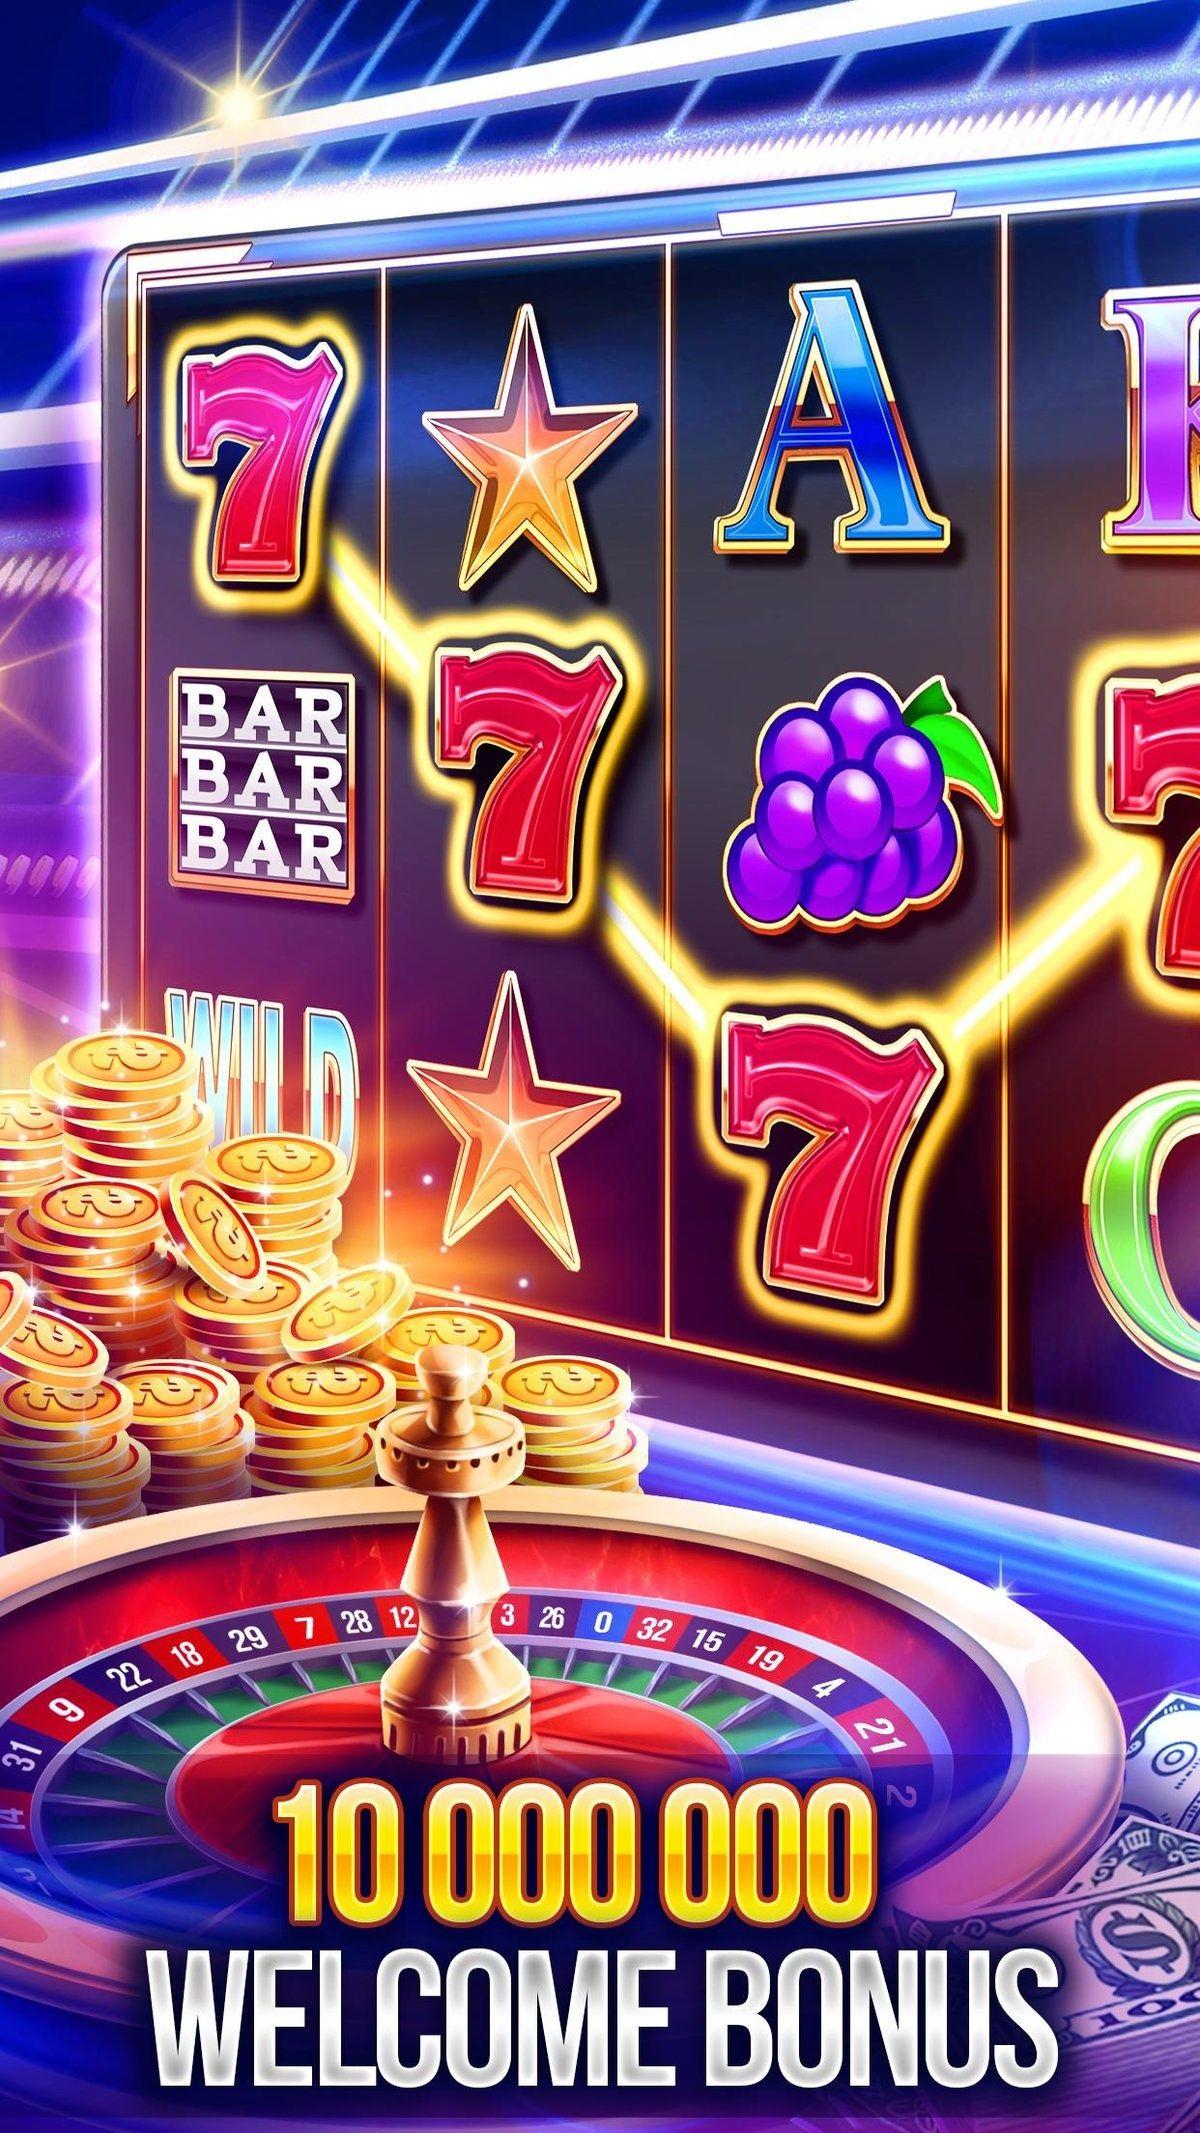 Word 1 игровые автоматы на деньги биткоин гемблинг что это